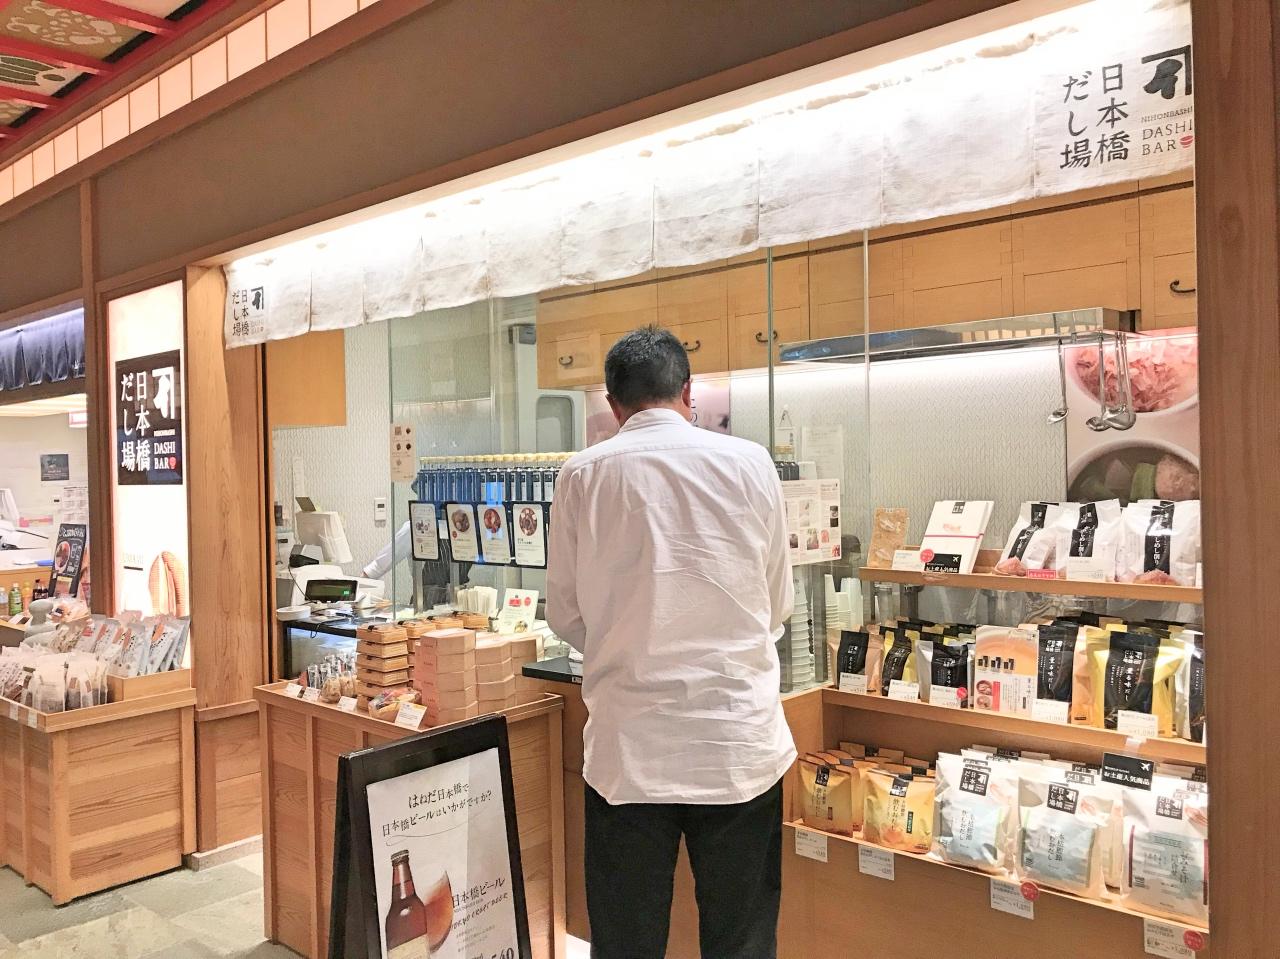 江戸小路レストラン22